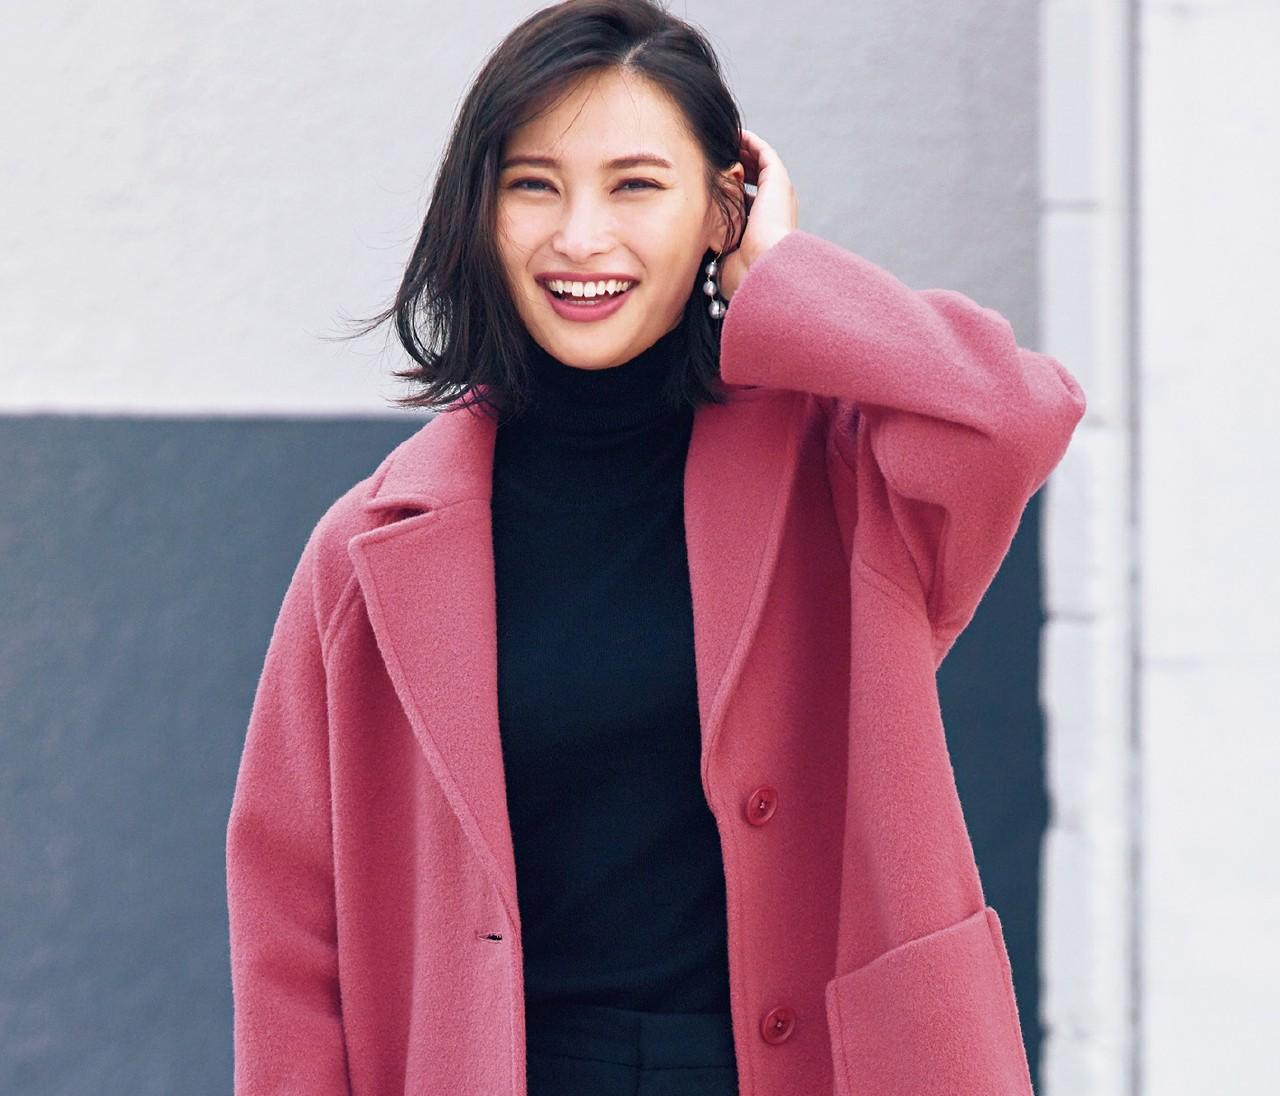 【最愛コート】「きれい色コート」はモノトーンコーデに合わせて